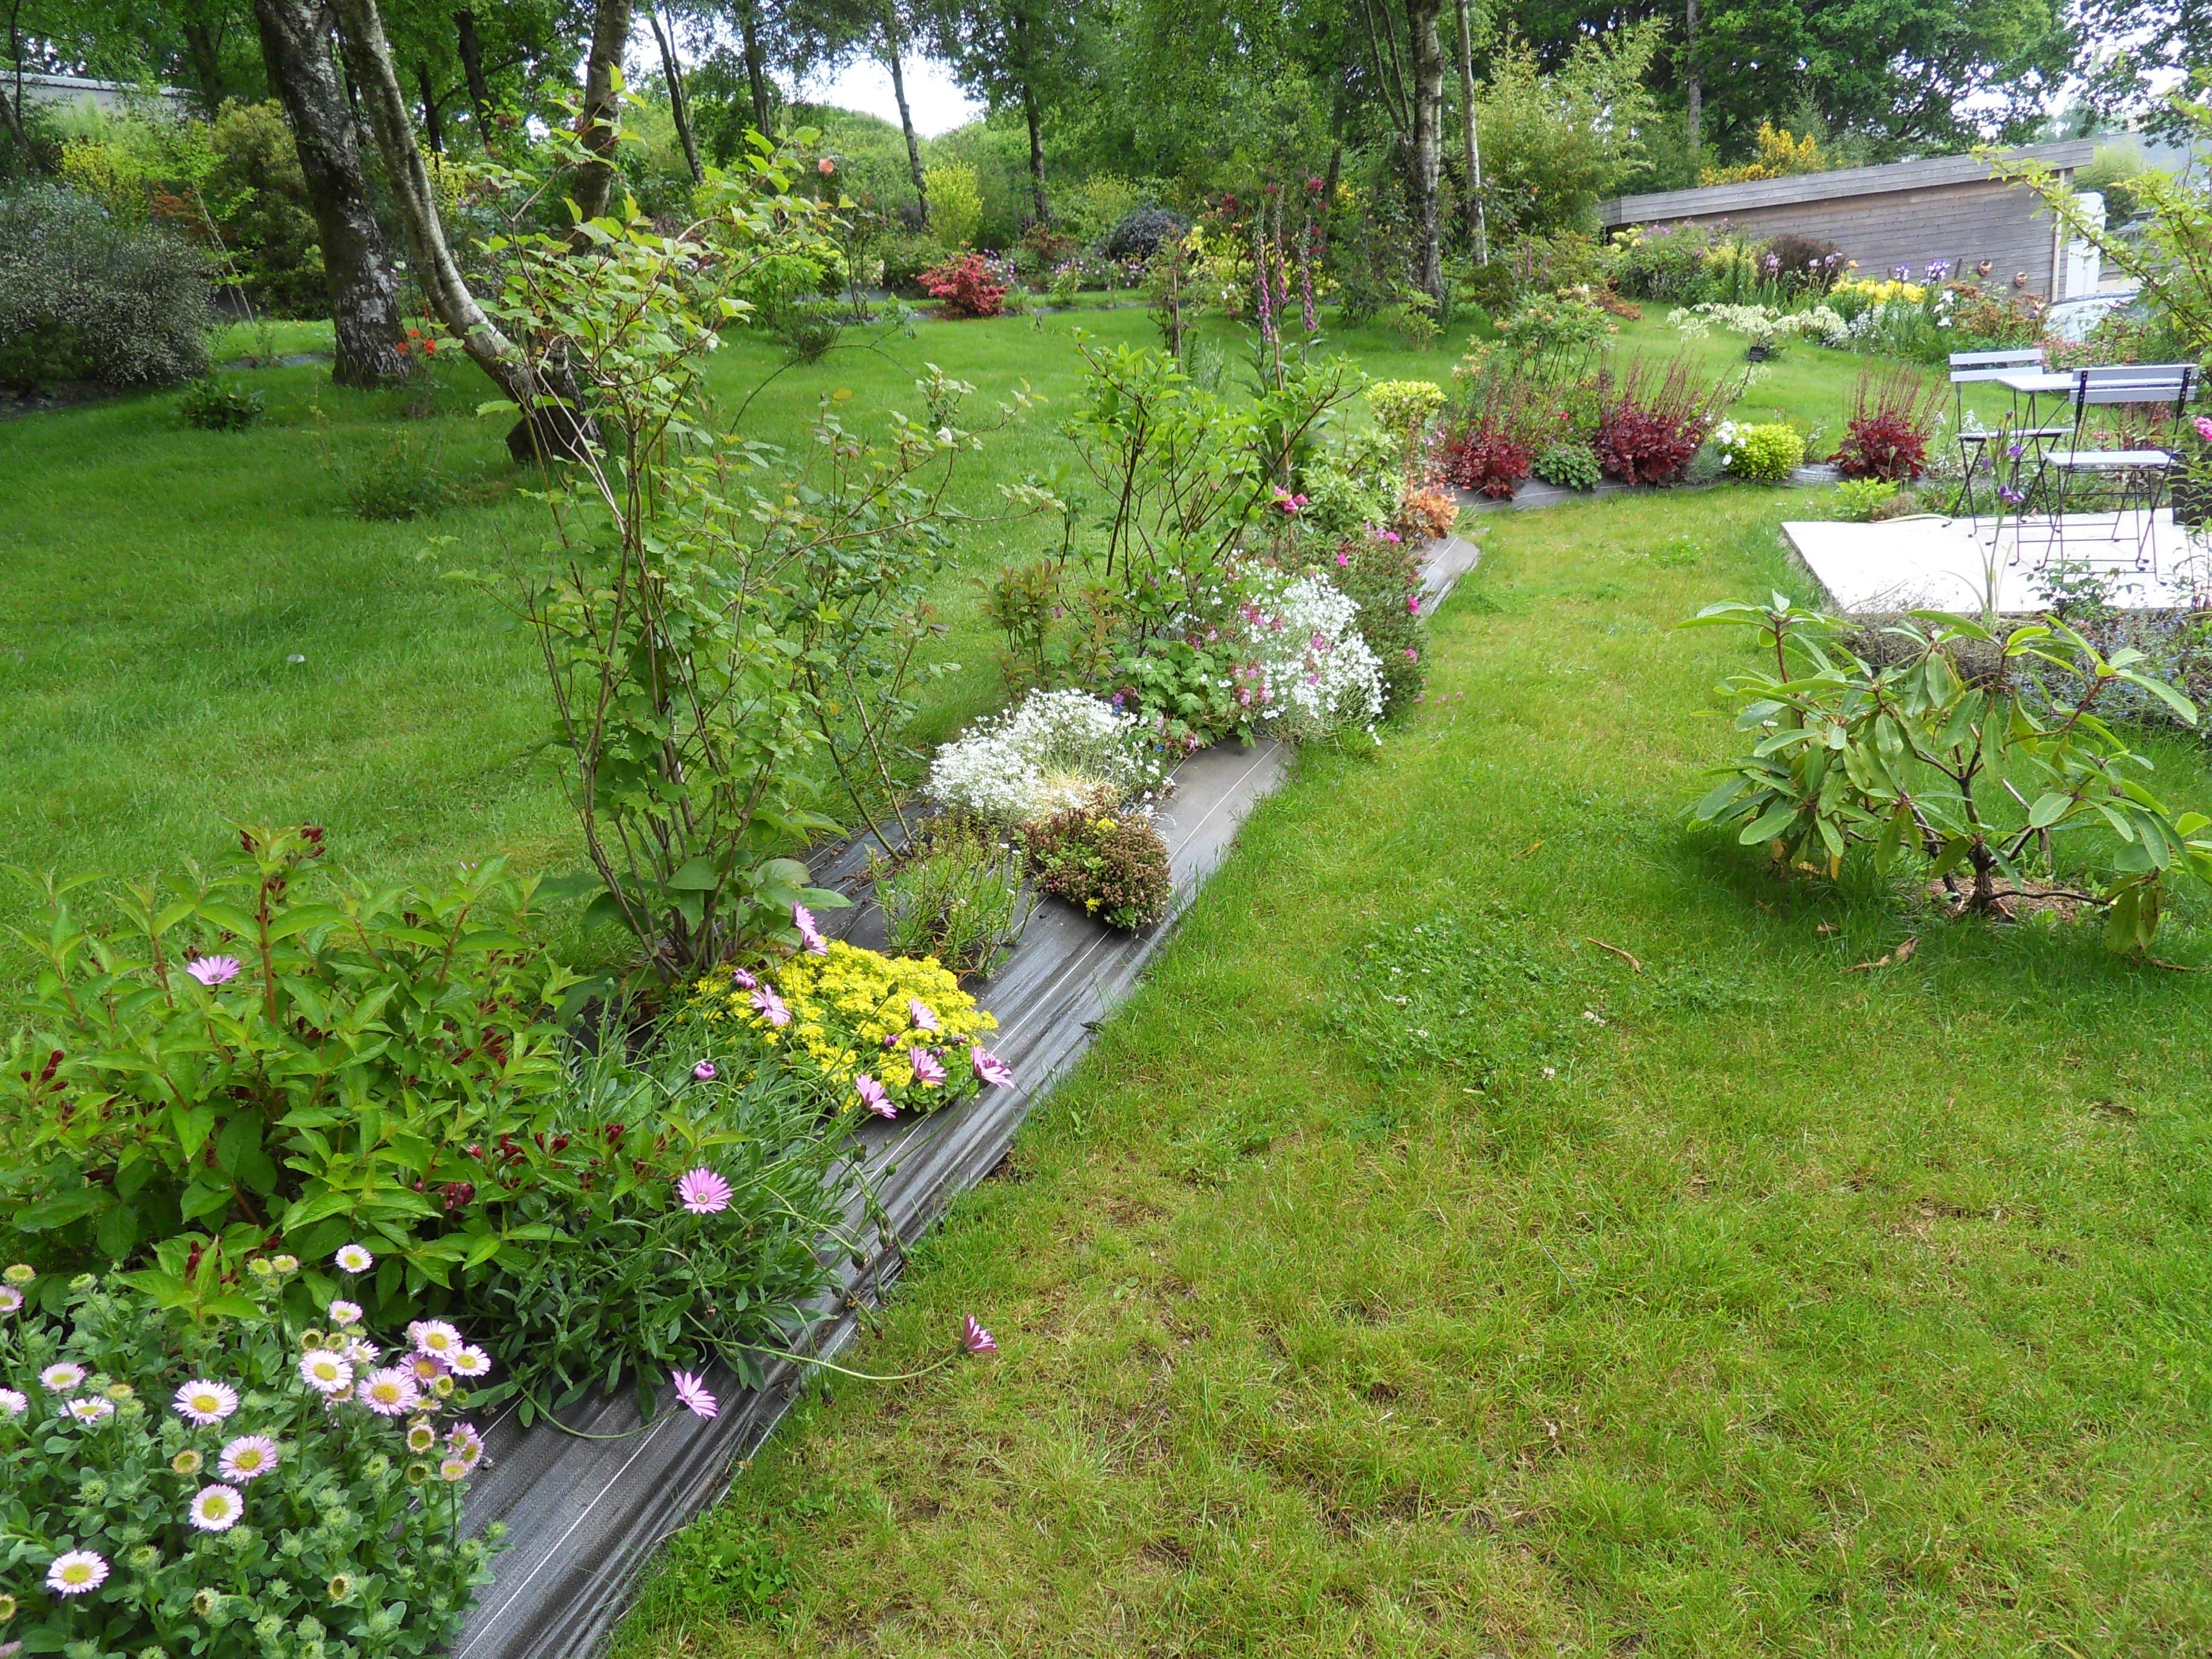 l gant parterre de fleurs devant maison id es de salon de jardin. Black Bedroom Furniture Sets. Home Design Ideas